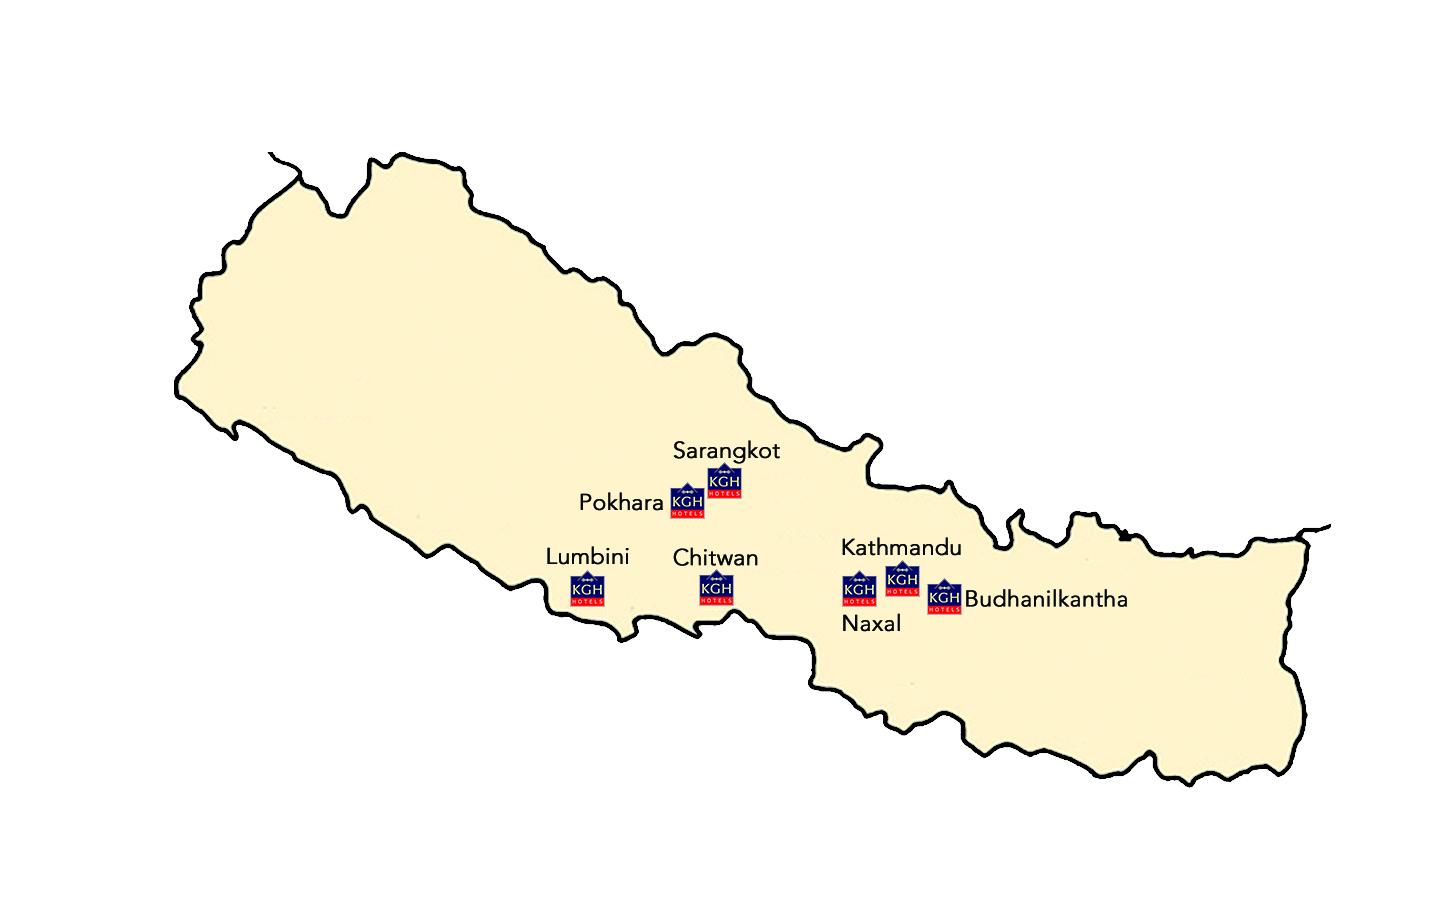 Nepal - Basic & Visa Info - Kathmandu Guest House on chennai world map, colombo world map, karachi world map, calcutta world map, kabul world map, madinah world map, hyderabad world map, taipei world map, thimphu world map, pyongyang world map, dhaka world map, pune world map, mumbai world map, new delhi world map, phoenix world map, islamabad world map, rangoon world map, fujairah world map, male world map, lumbini world map,